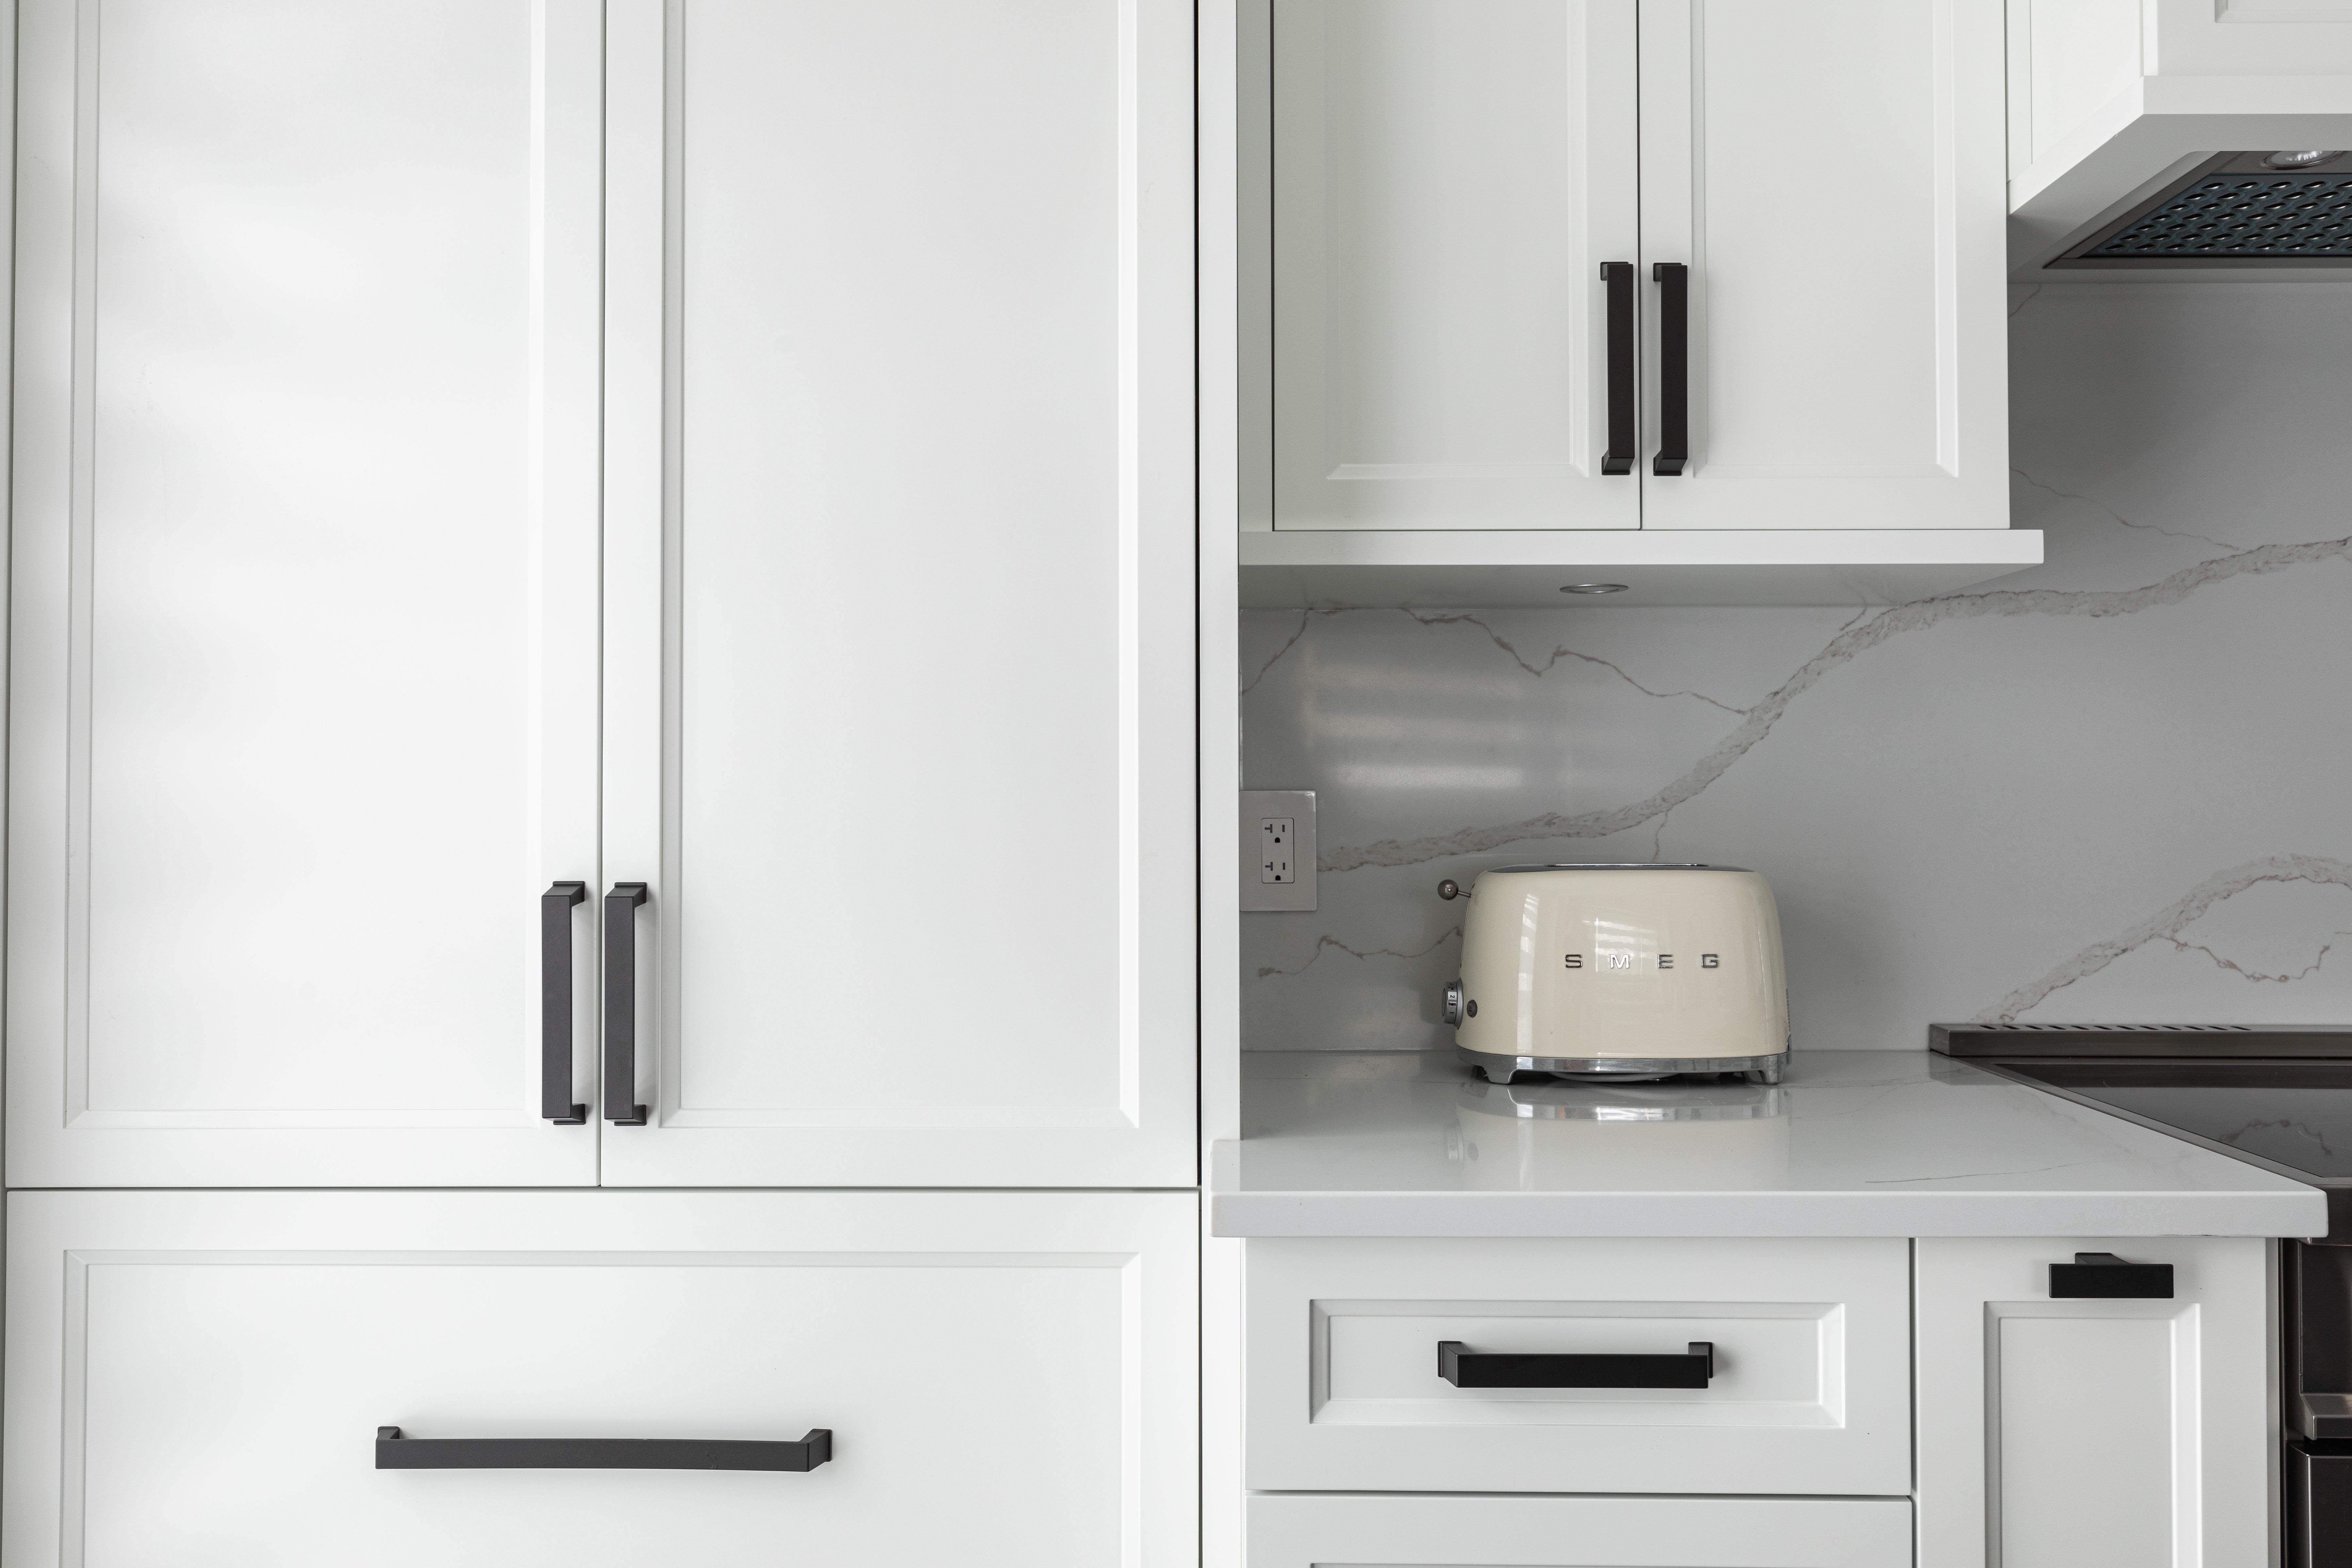 Armoires blanches avec poignées modernes noires et un grille-pain blanc